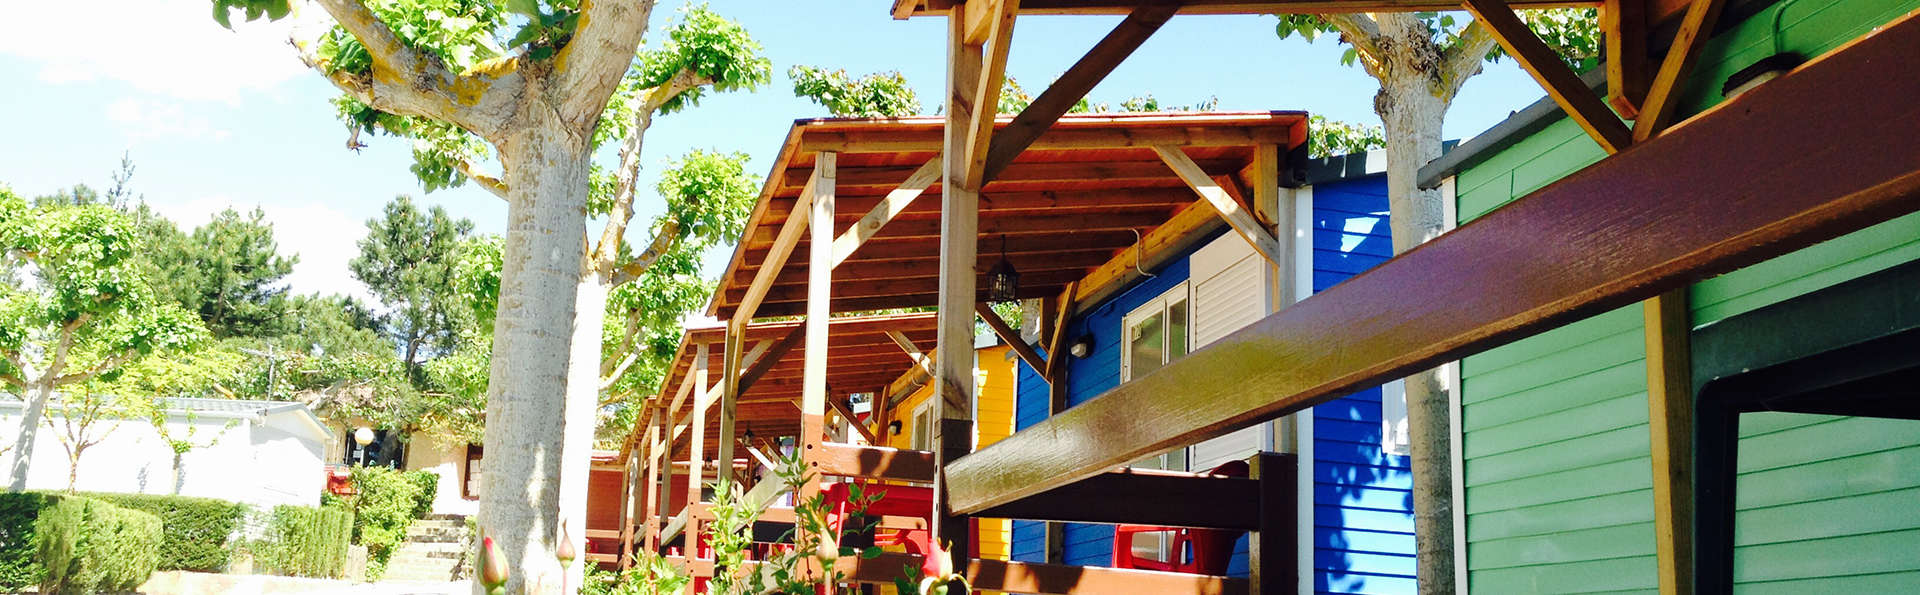 Escapade en Mobil Home Primavera avec location de courts de paddle à Prades